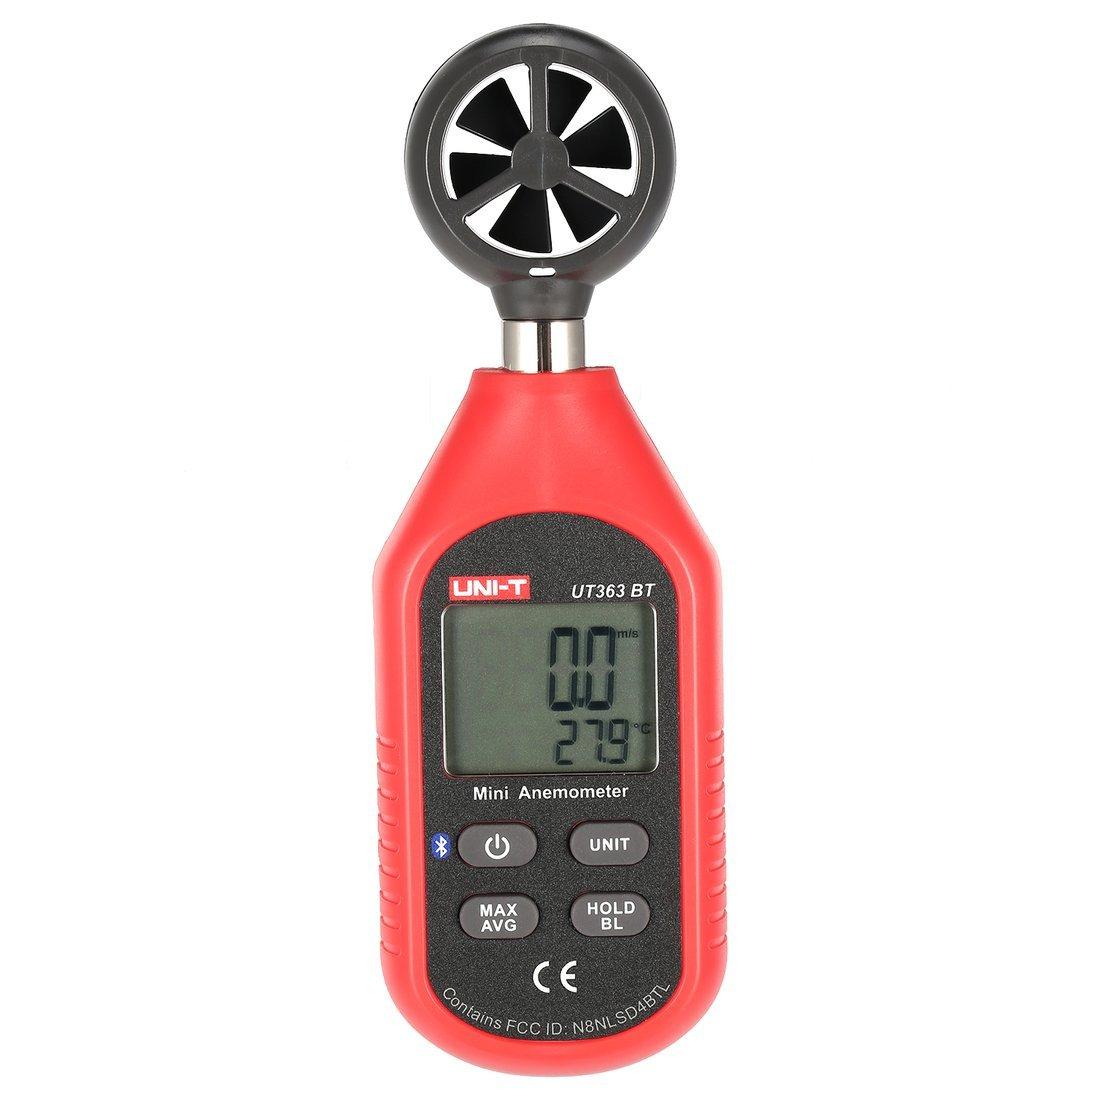 Gwendoll UNI-T UT363BT Bluetooth Mini Numérique LCD Anémomètre De Poche de Poche Taille Vent Air Vitesse Température Testeur Thermomètre